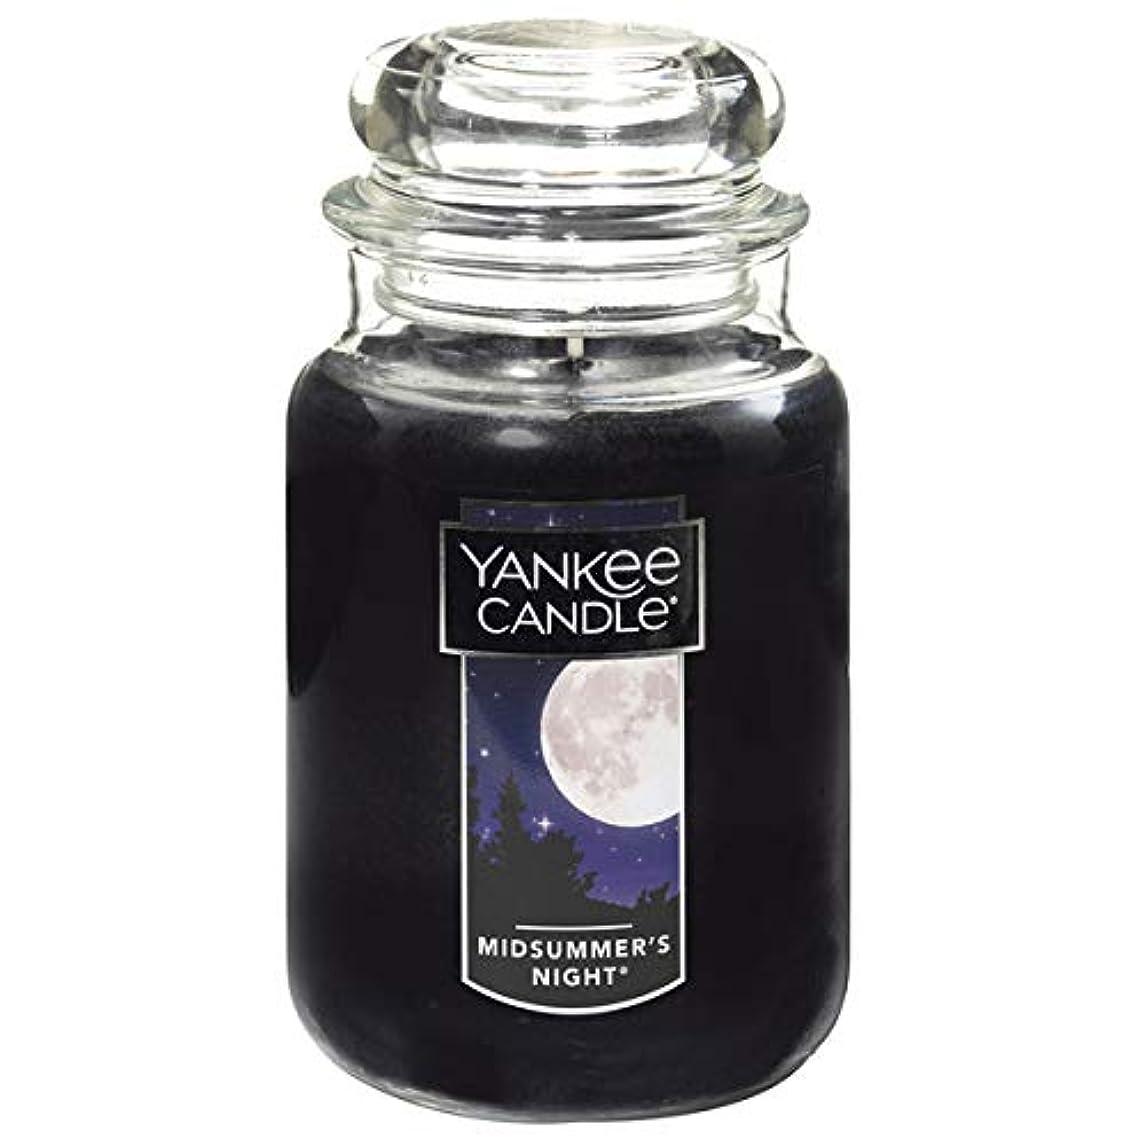 YANKE CANDLE(ヤンキーキャンドル):YCジャーL ミッドサマーN YK0060511